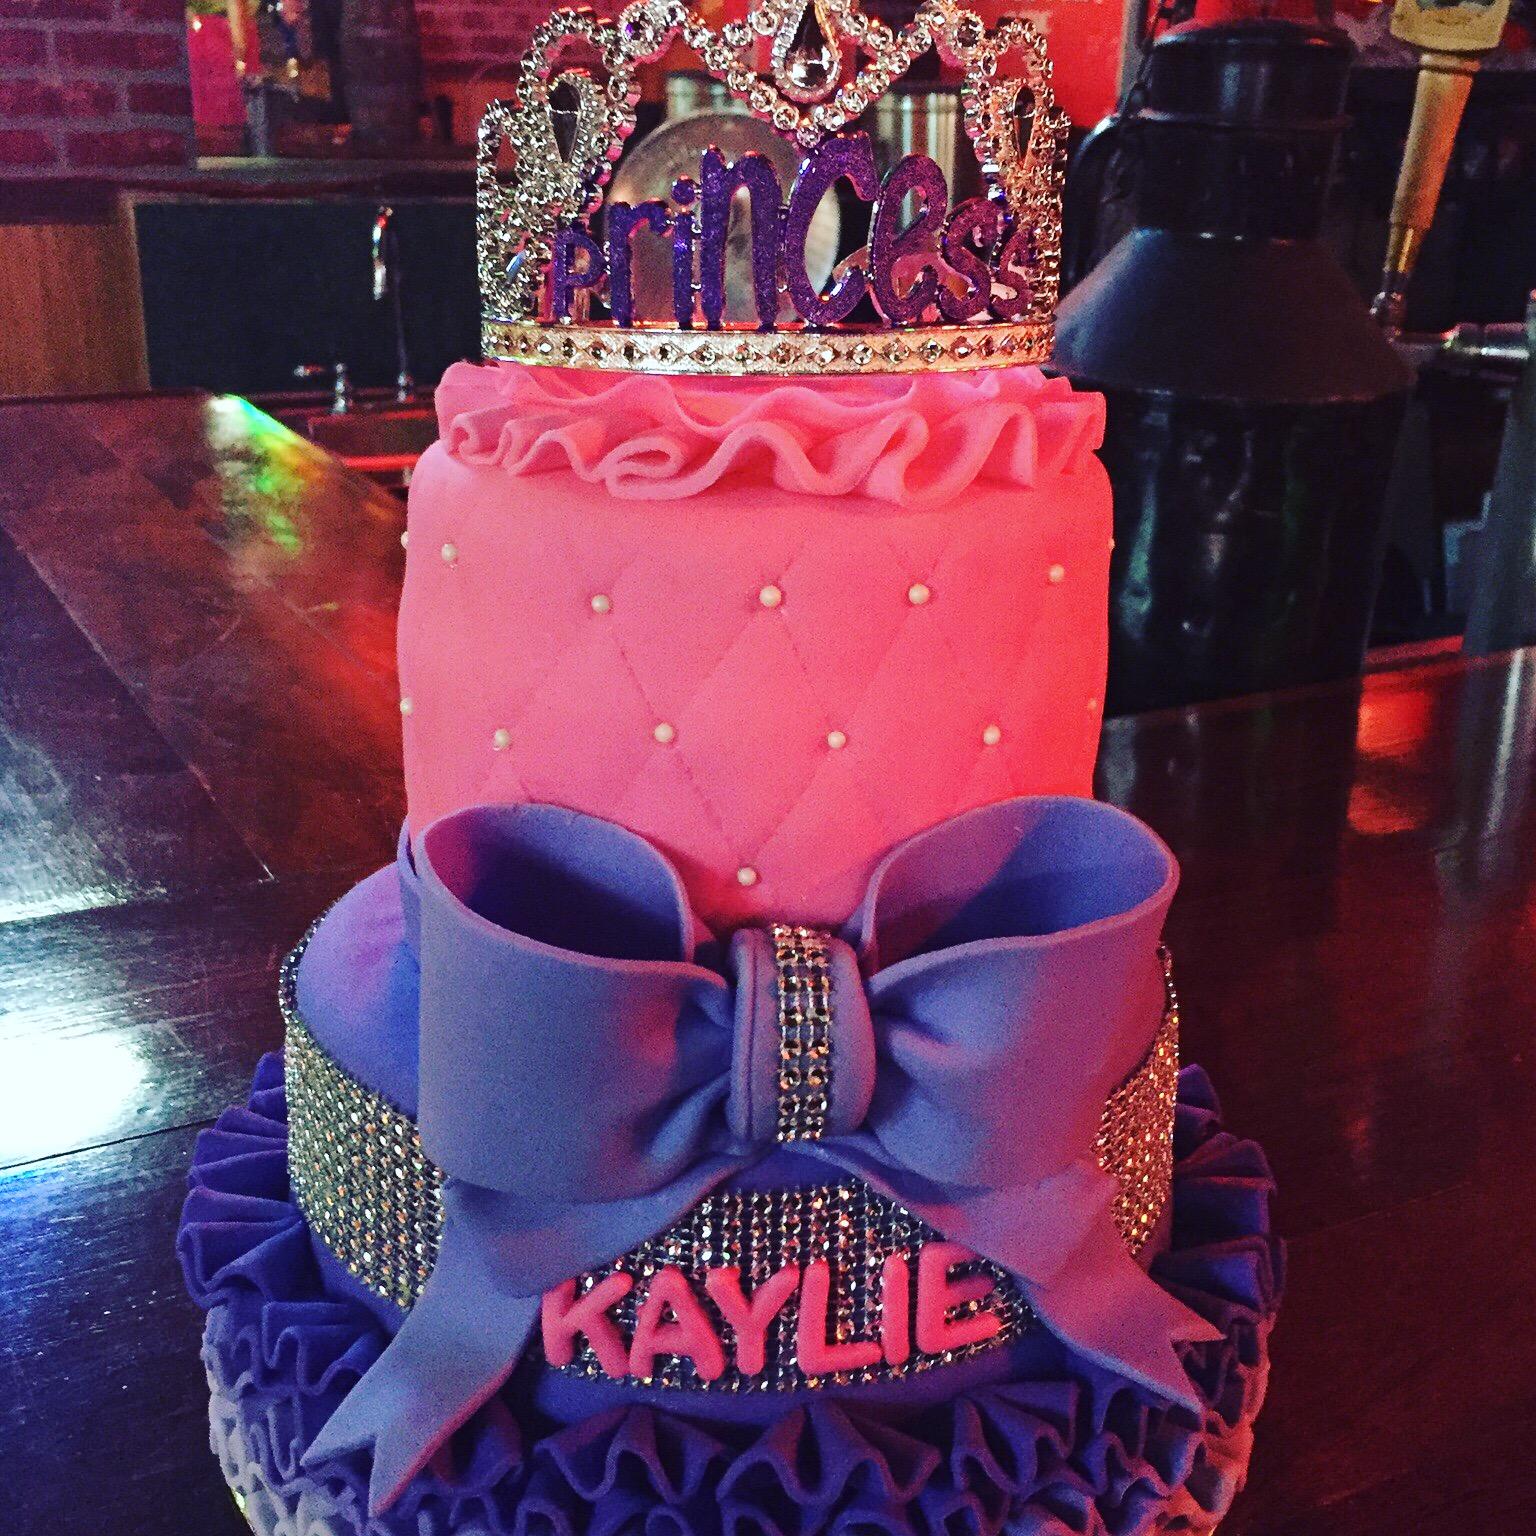 Princess bling cake